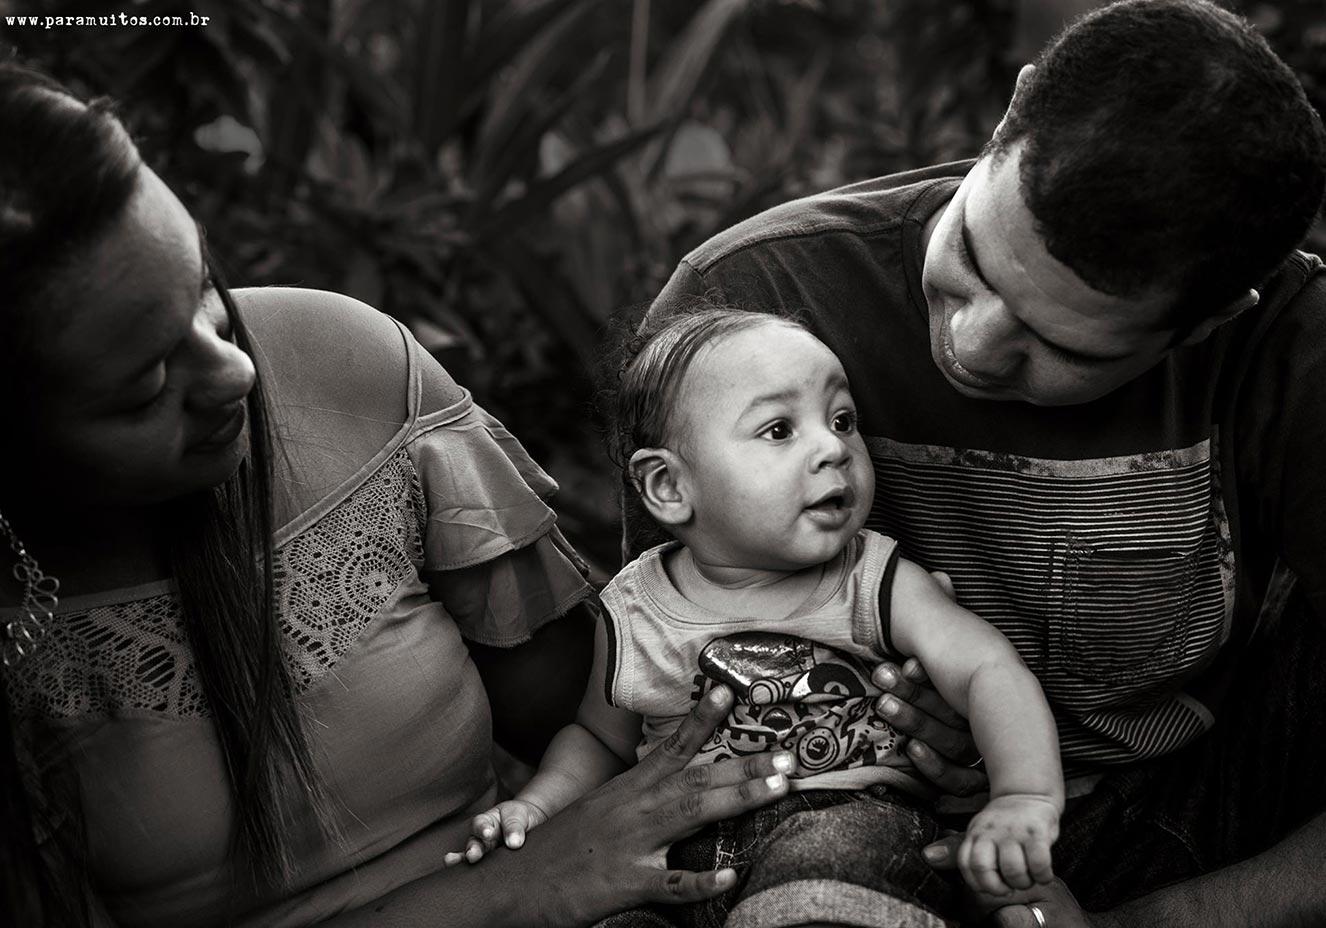 Joelson Souza/ Para Muitos - Fotografia